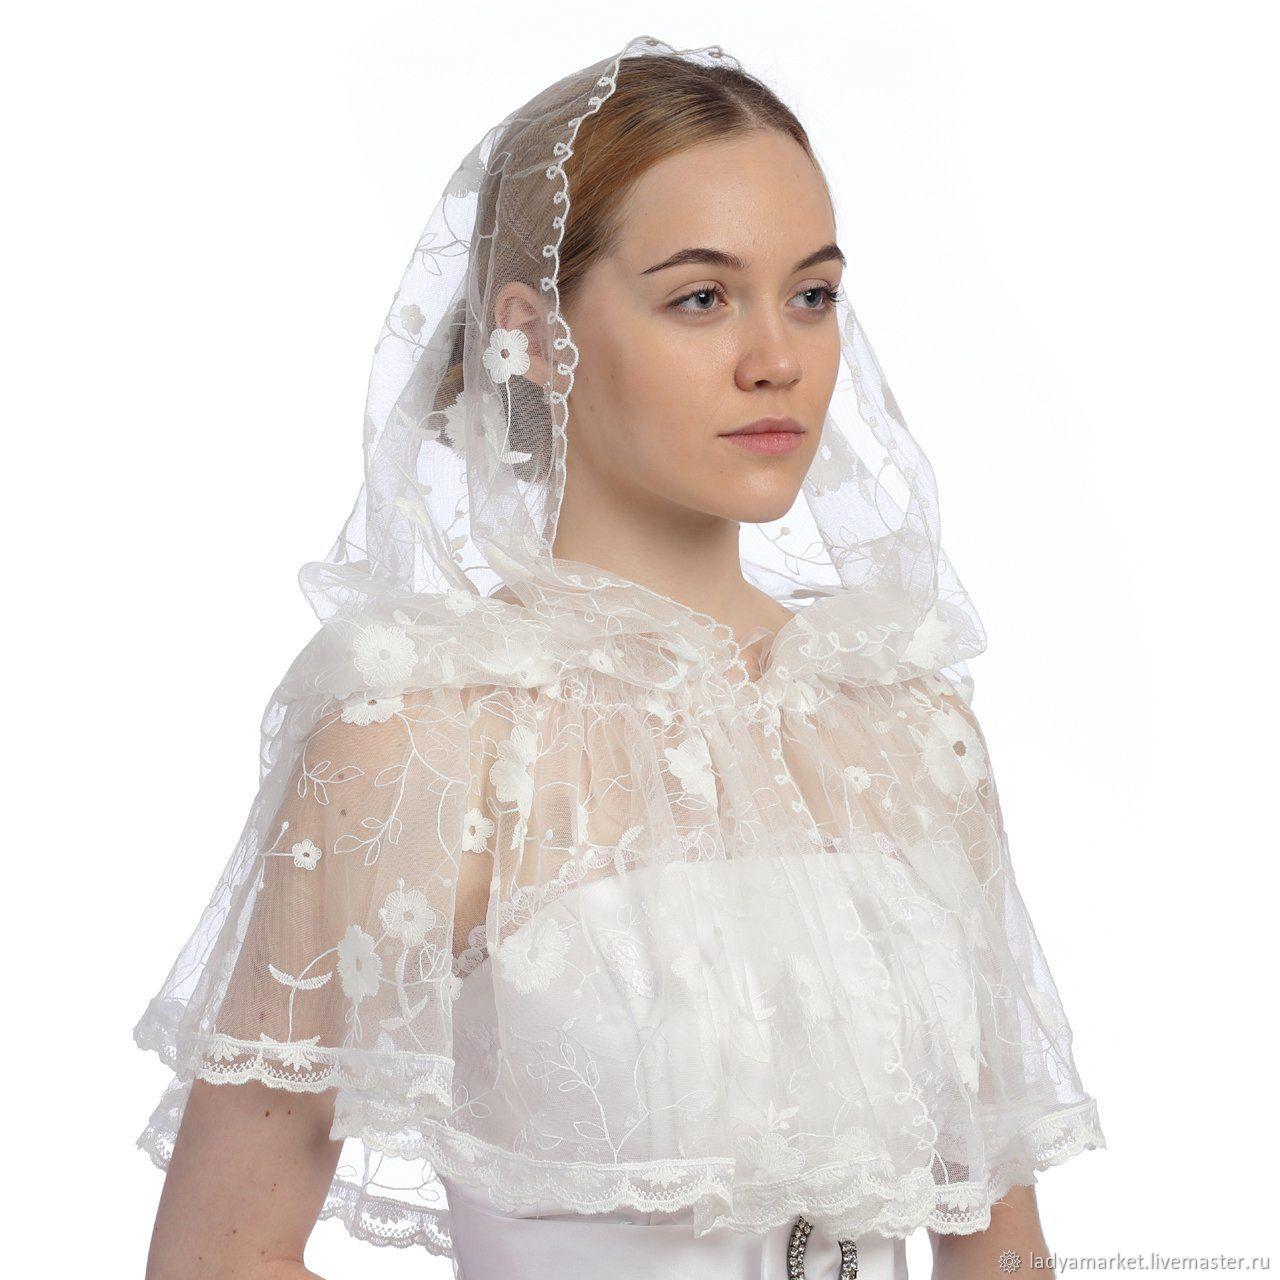 платок для венчания фото только дизайн верха